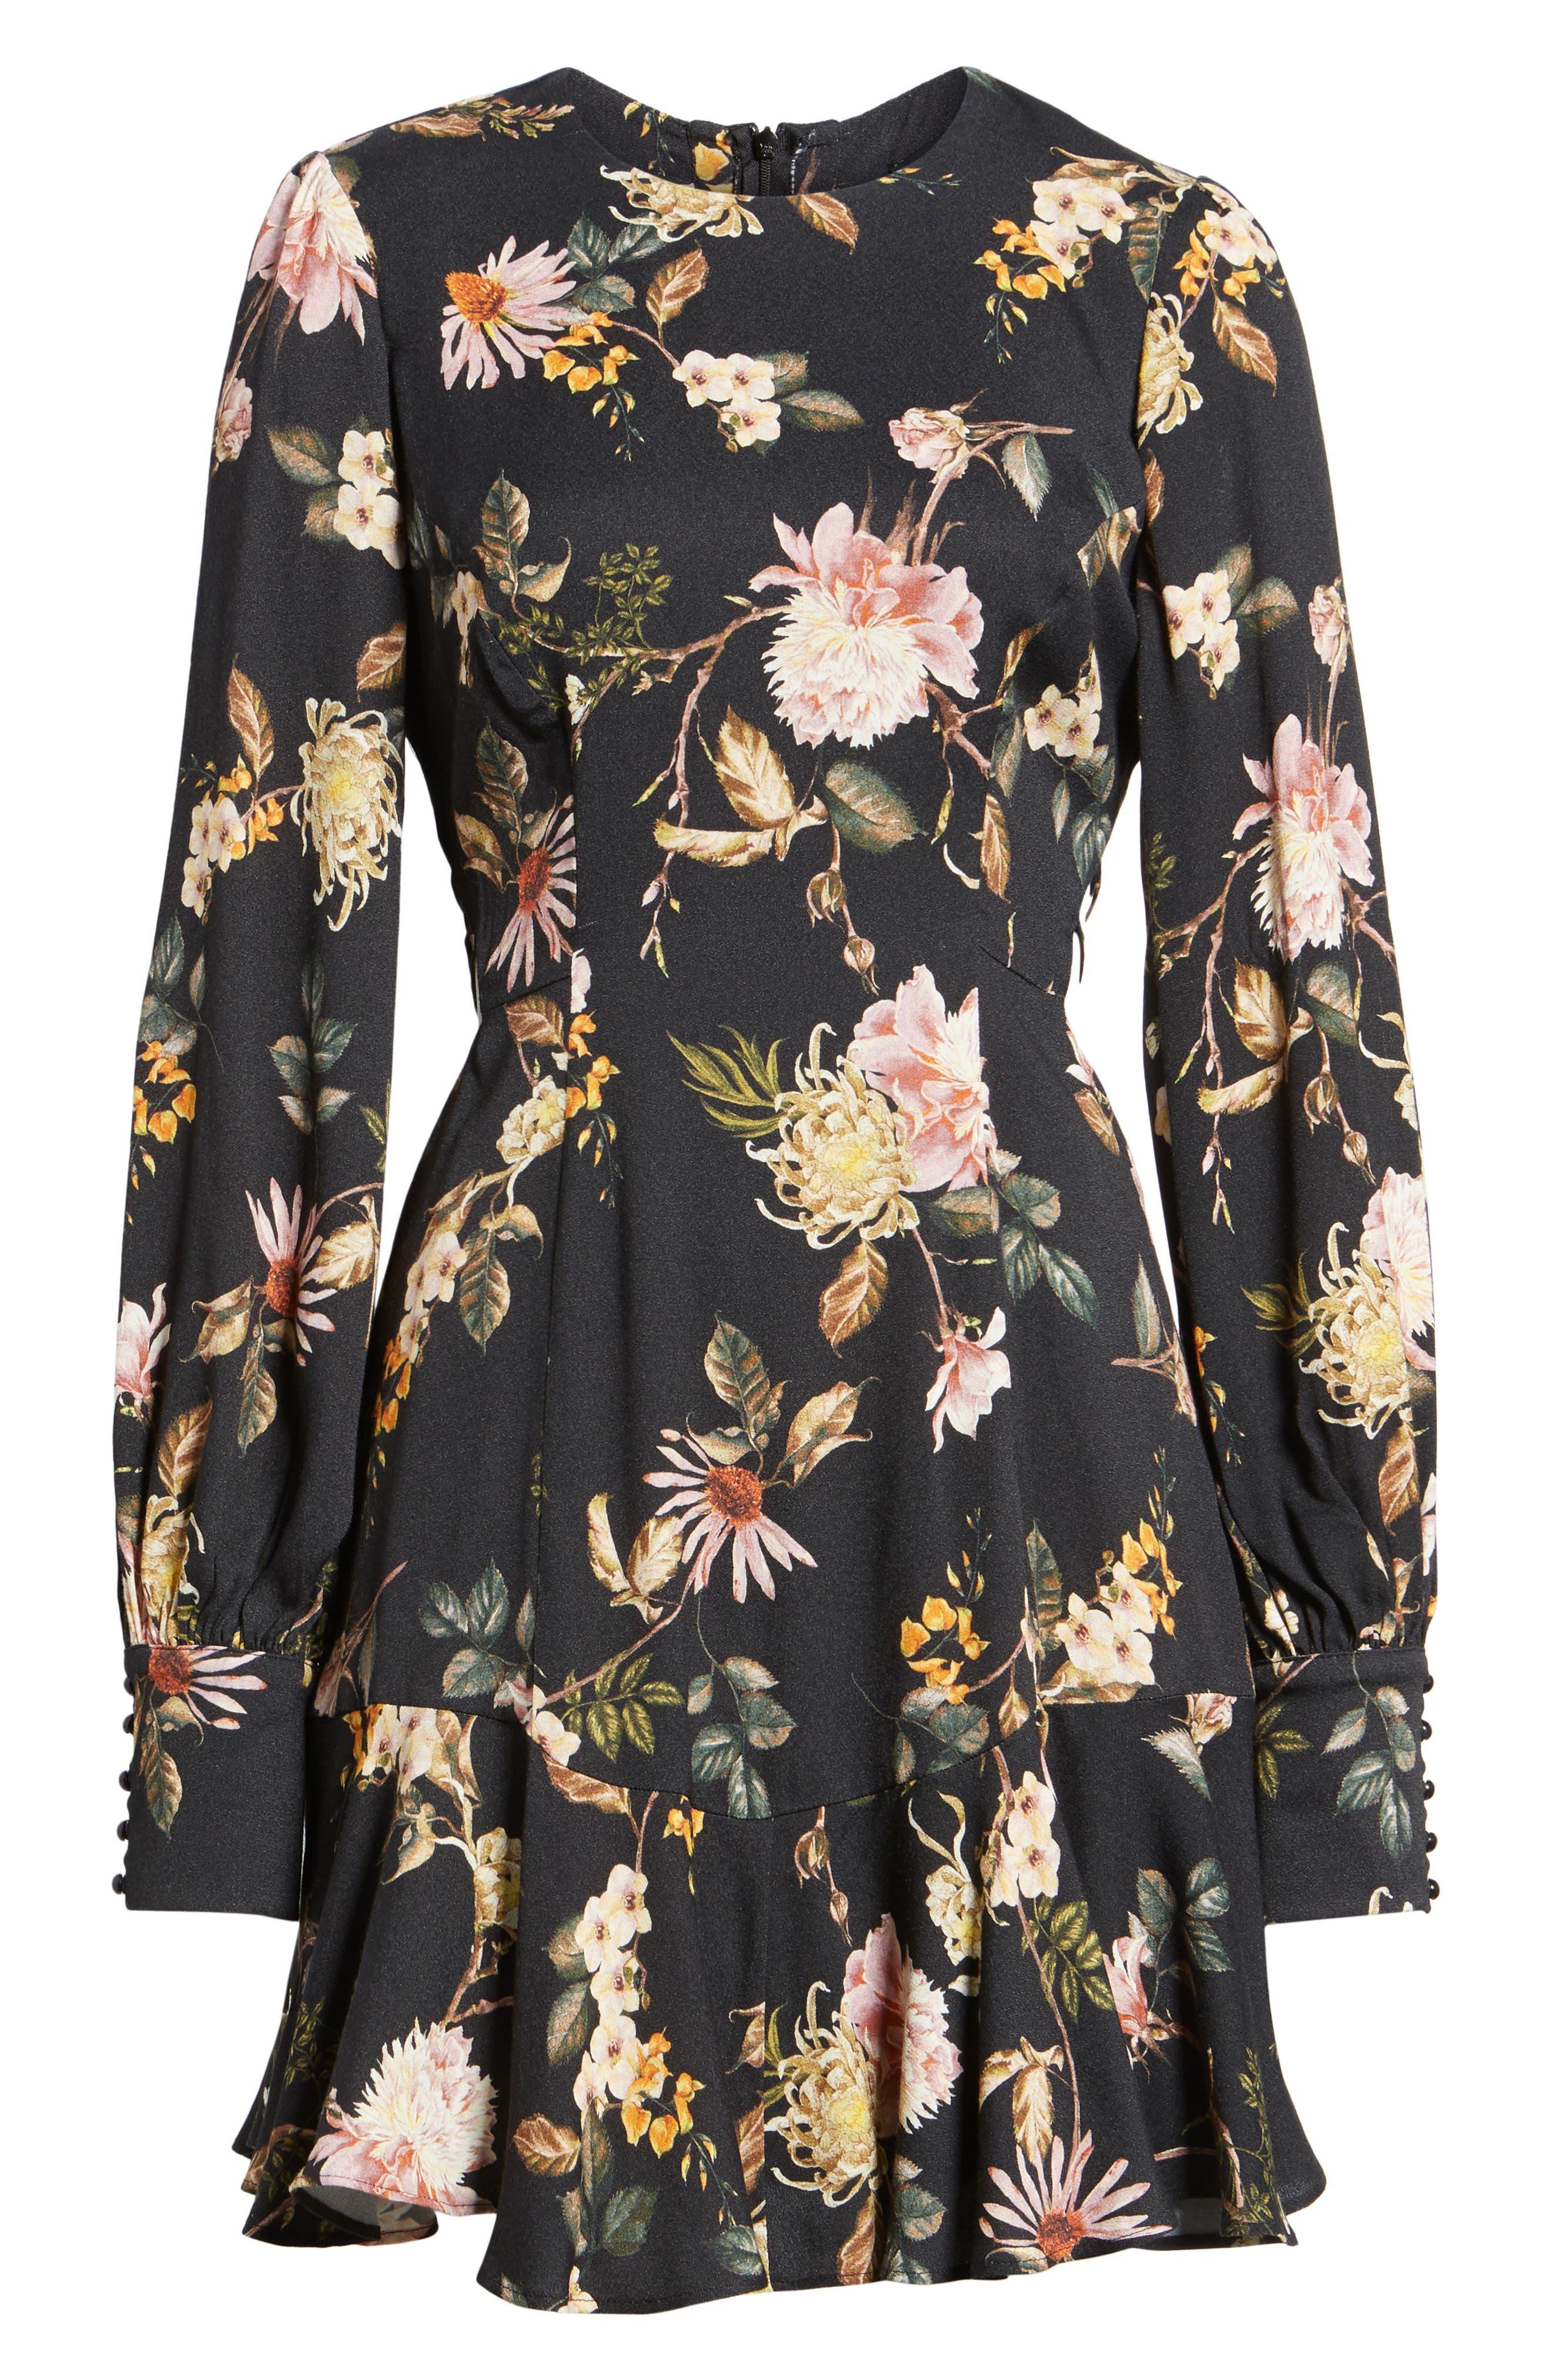 Savanna Lattice Back Fit & Flare Dress,                             Alternate thumbnail 6, color,                             Noir Floral